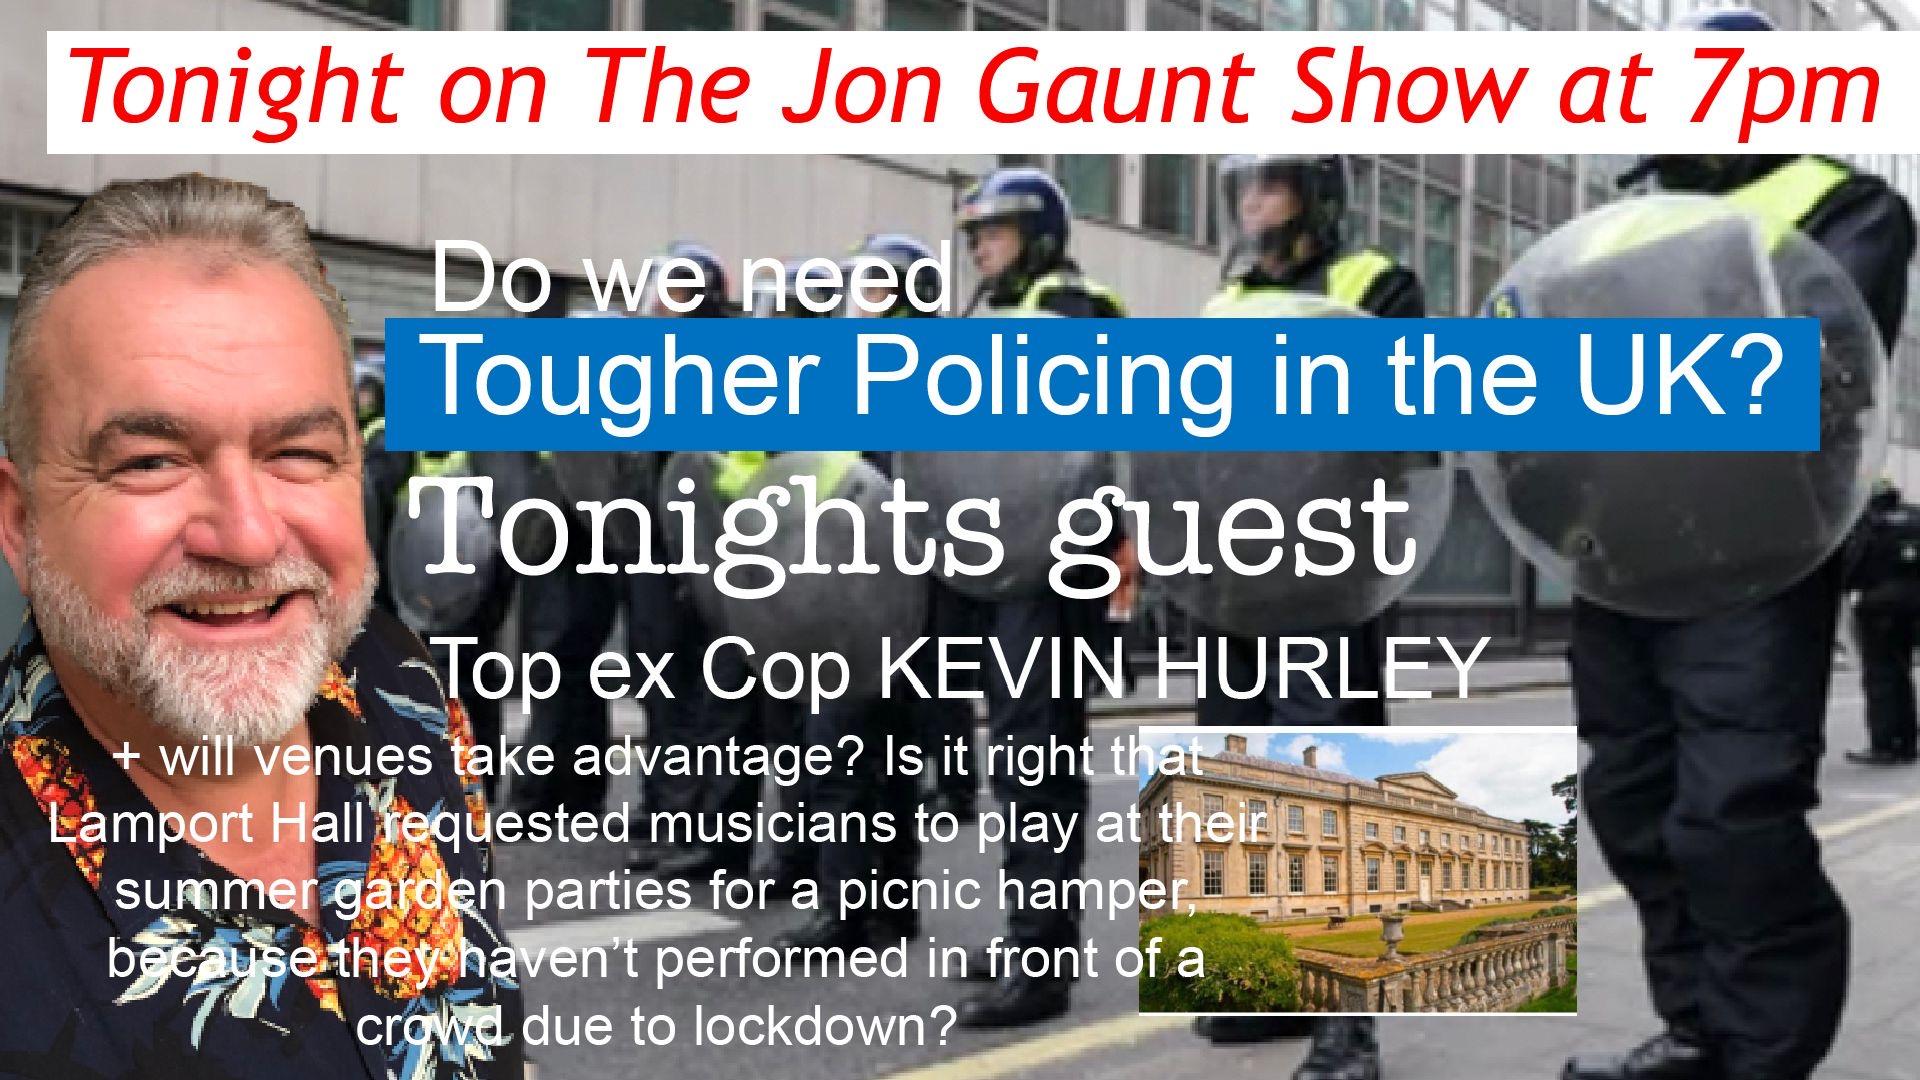 Tonight's Jon Gaunt TV show